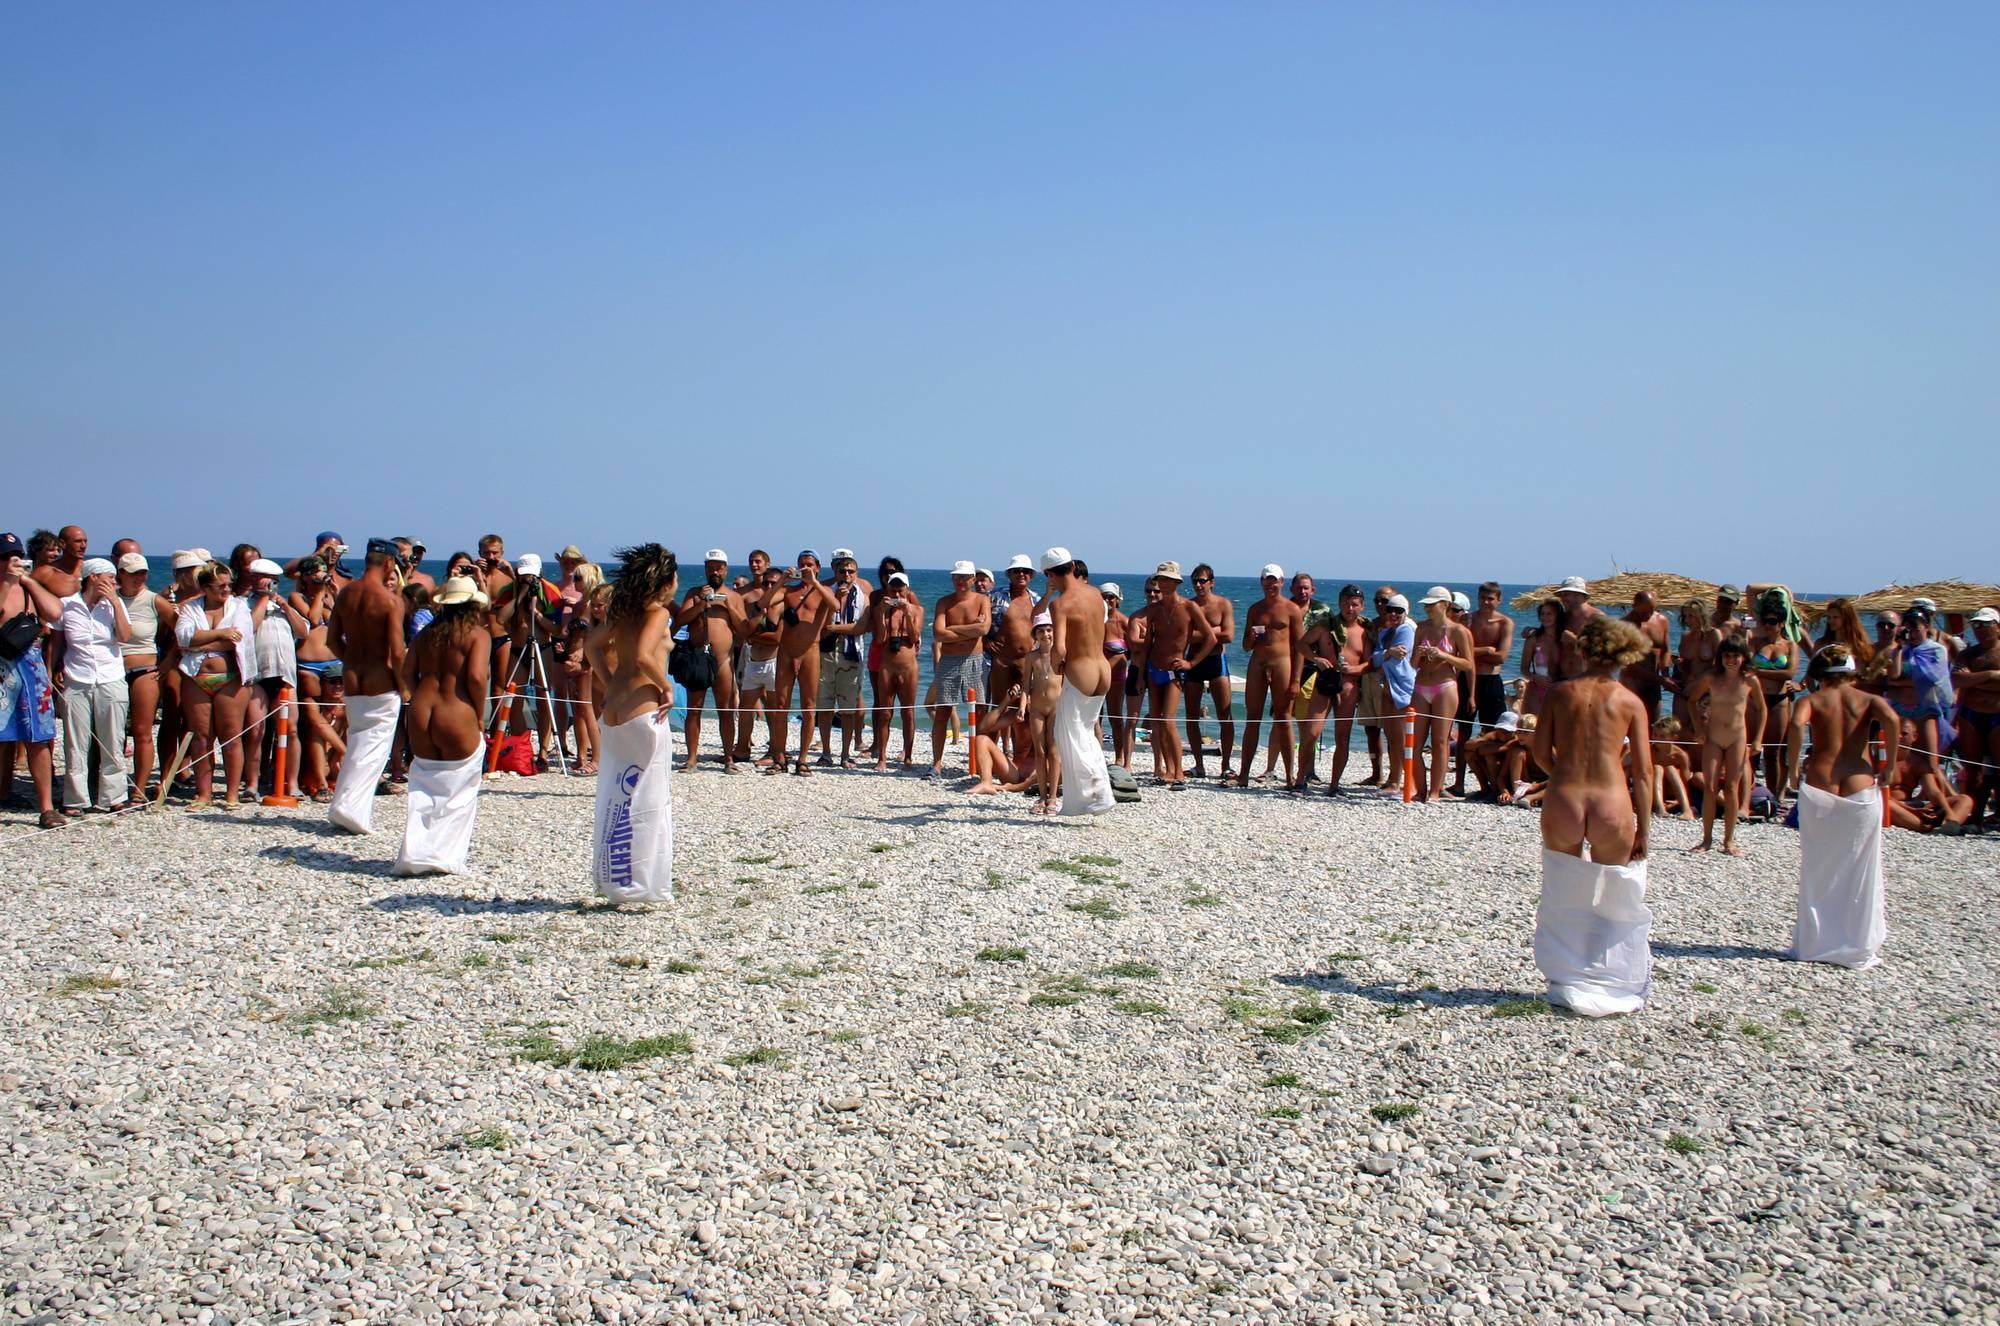 Purenudism Photos-Nude Jumping Bag Lineup - 3